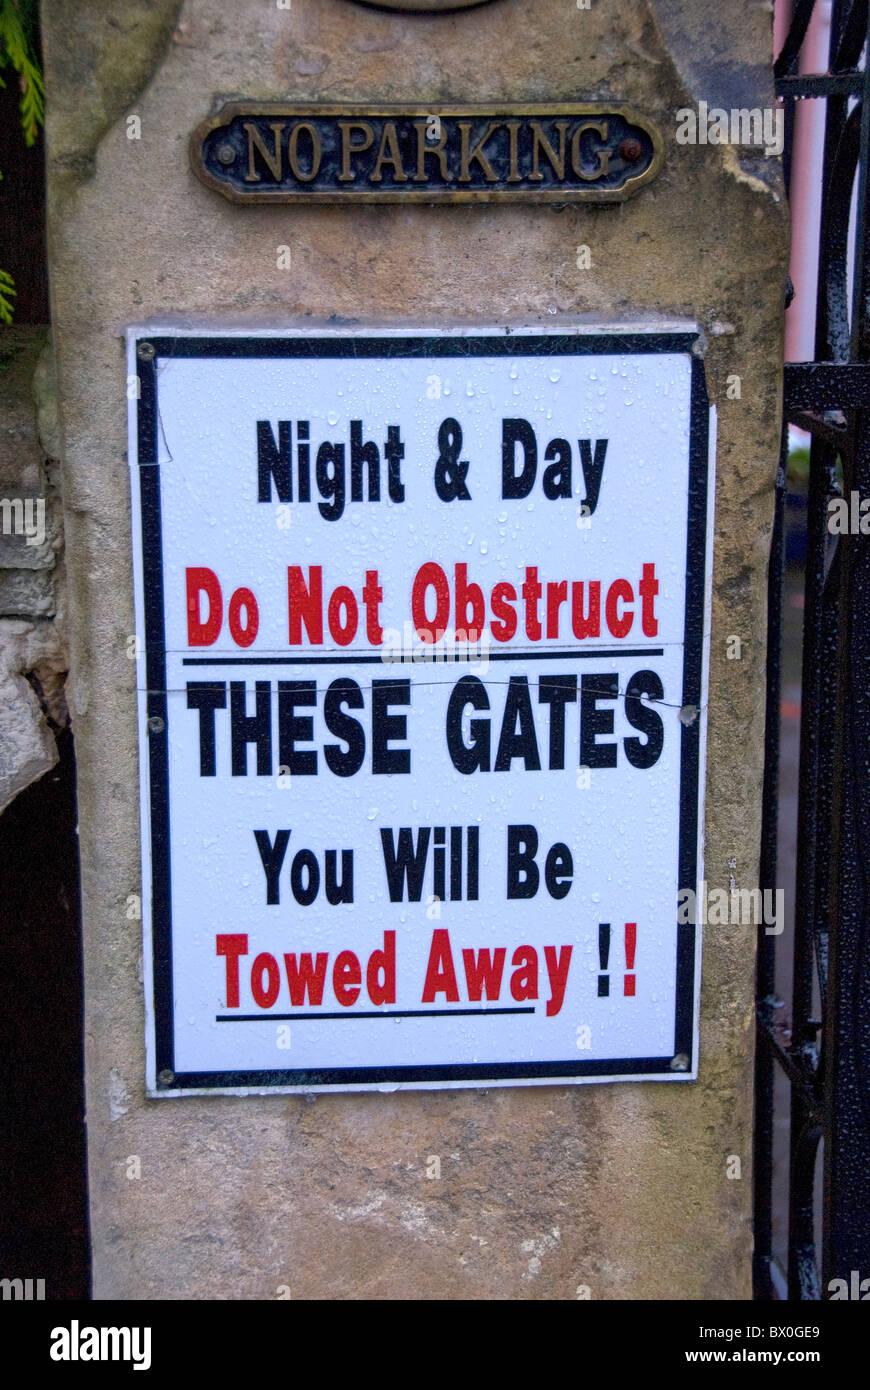 No parking, tow away sign, England, UK - Stock Image